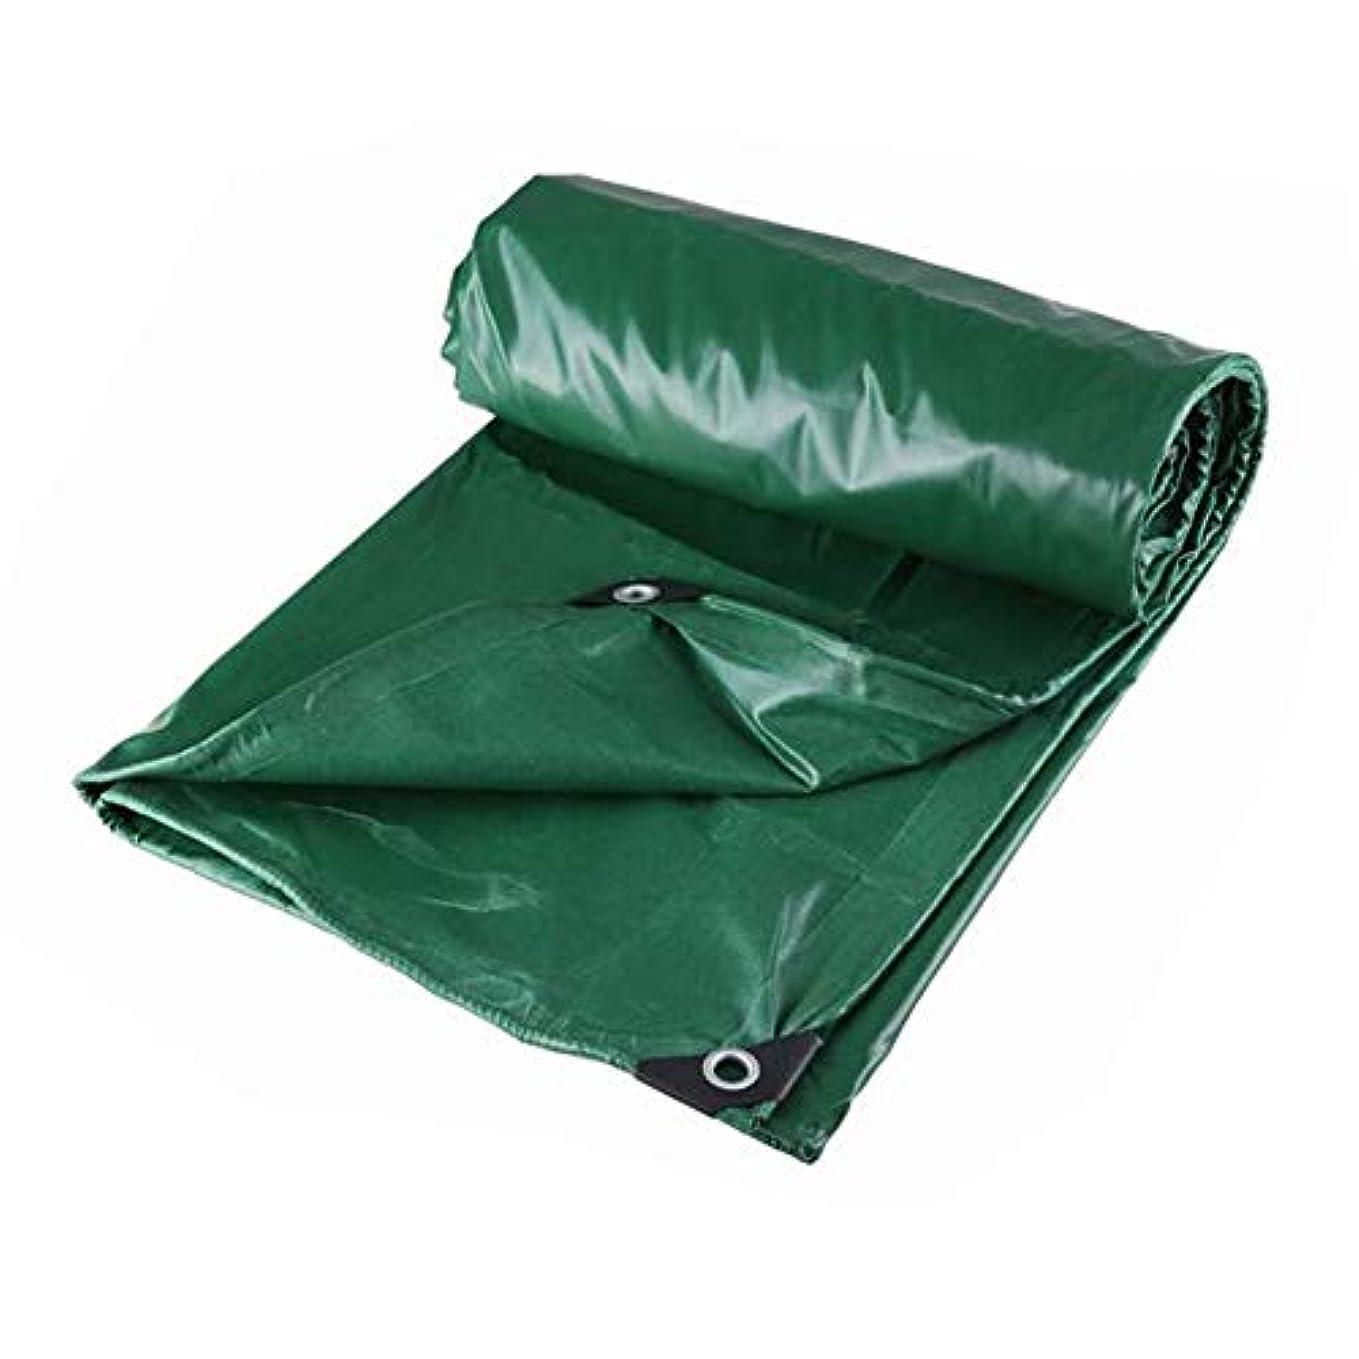 ミント寛大なルビーZX タープ 2x2mプレミアム厚い防雨PVCグリーンターポリン テント アウトドア (Color : Green, Size : 2*2M)